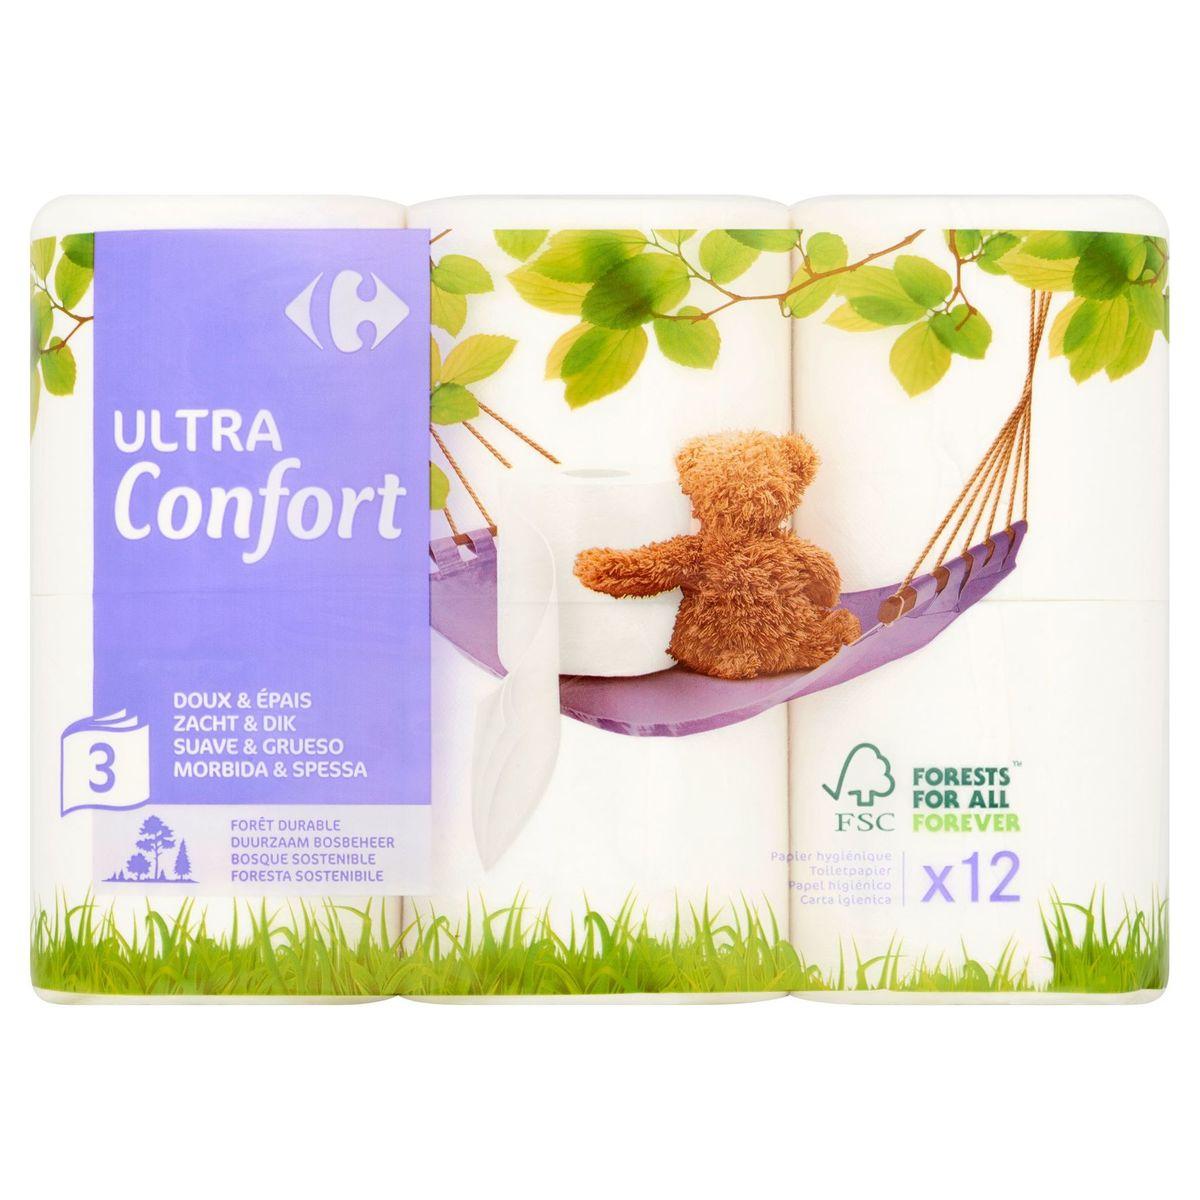 Carrefour Ultra Confort 3-Épaisseurs 12 Rouleaux